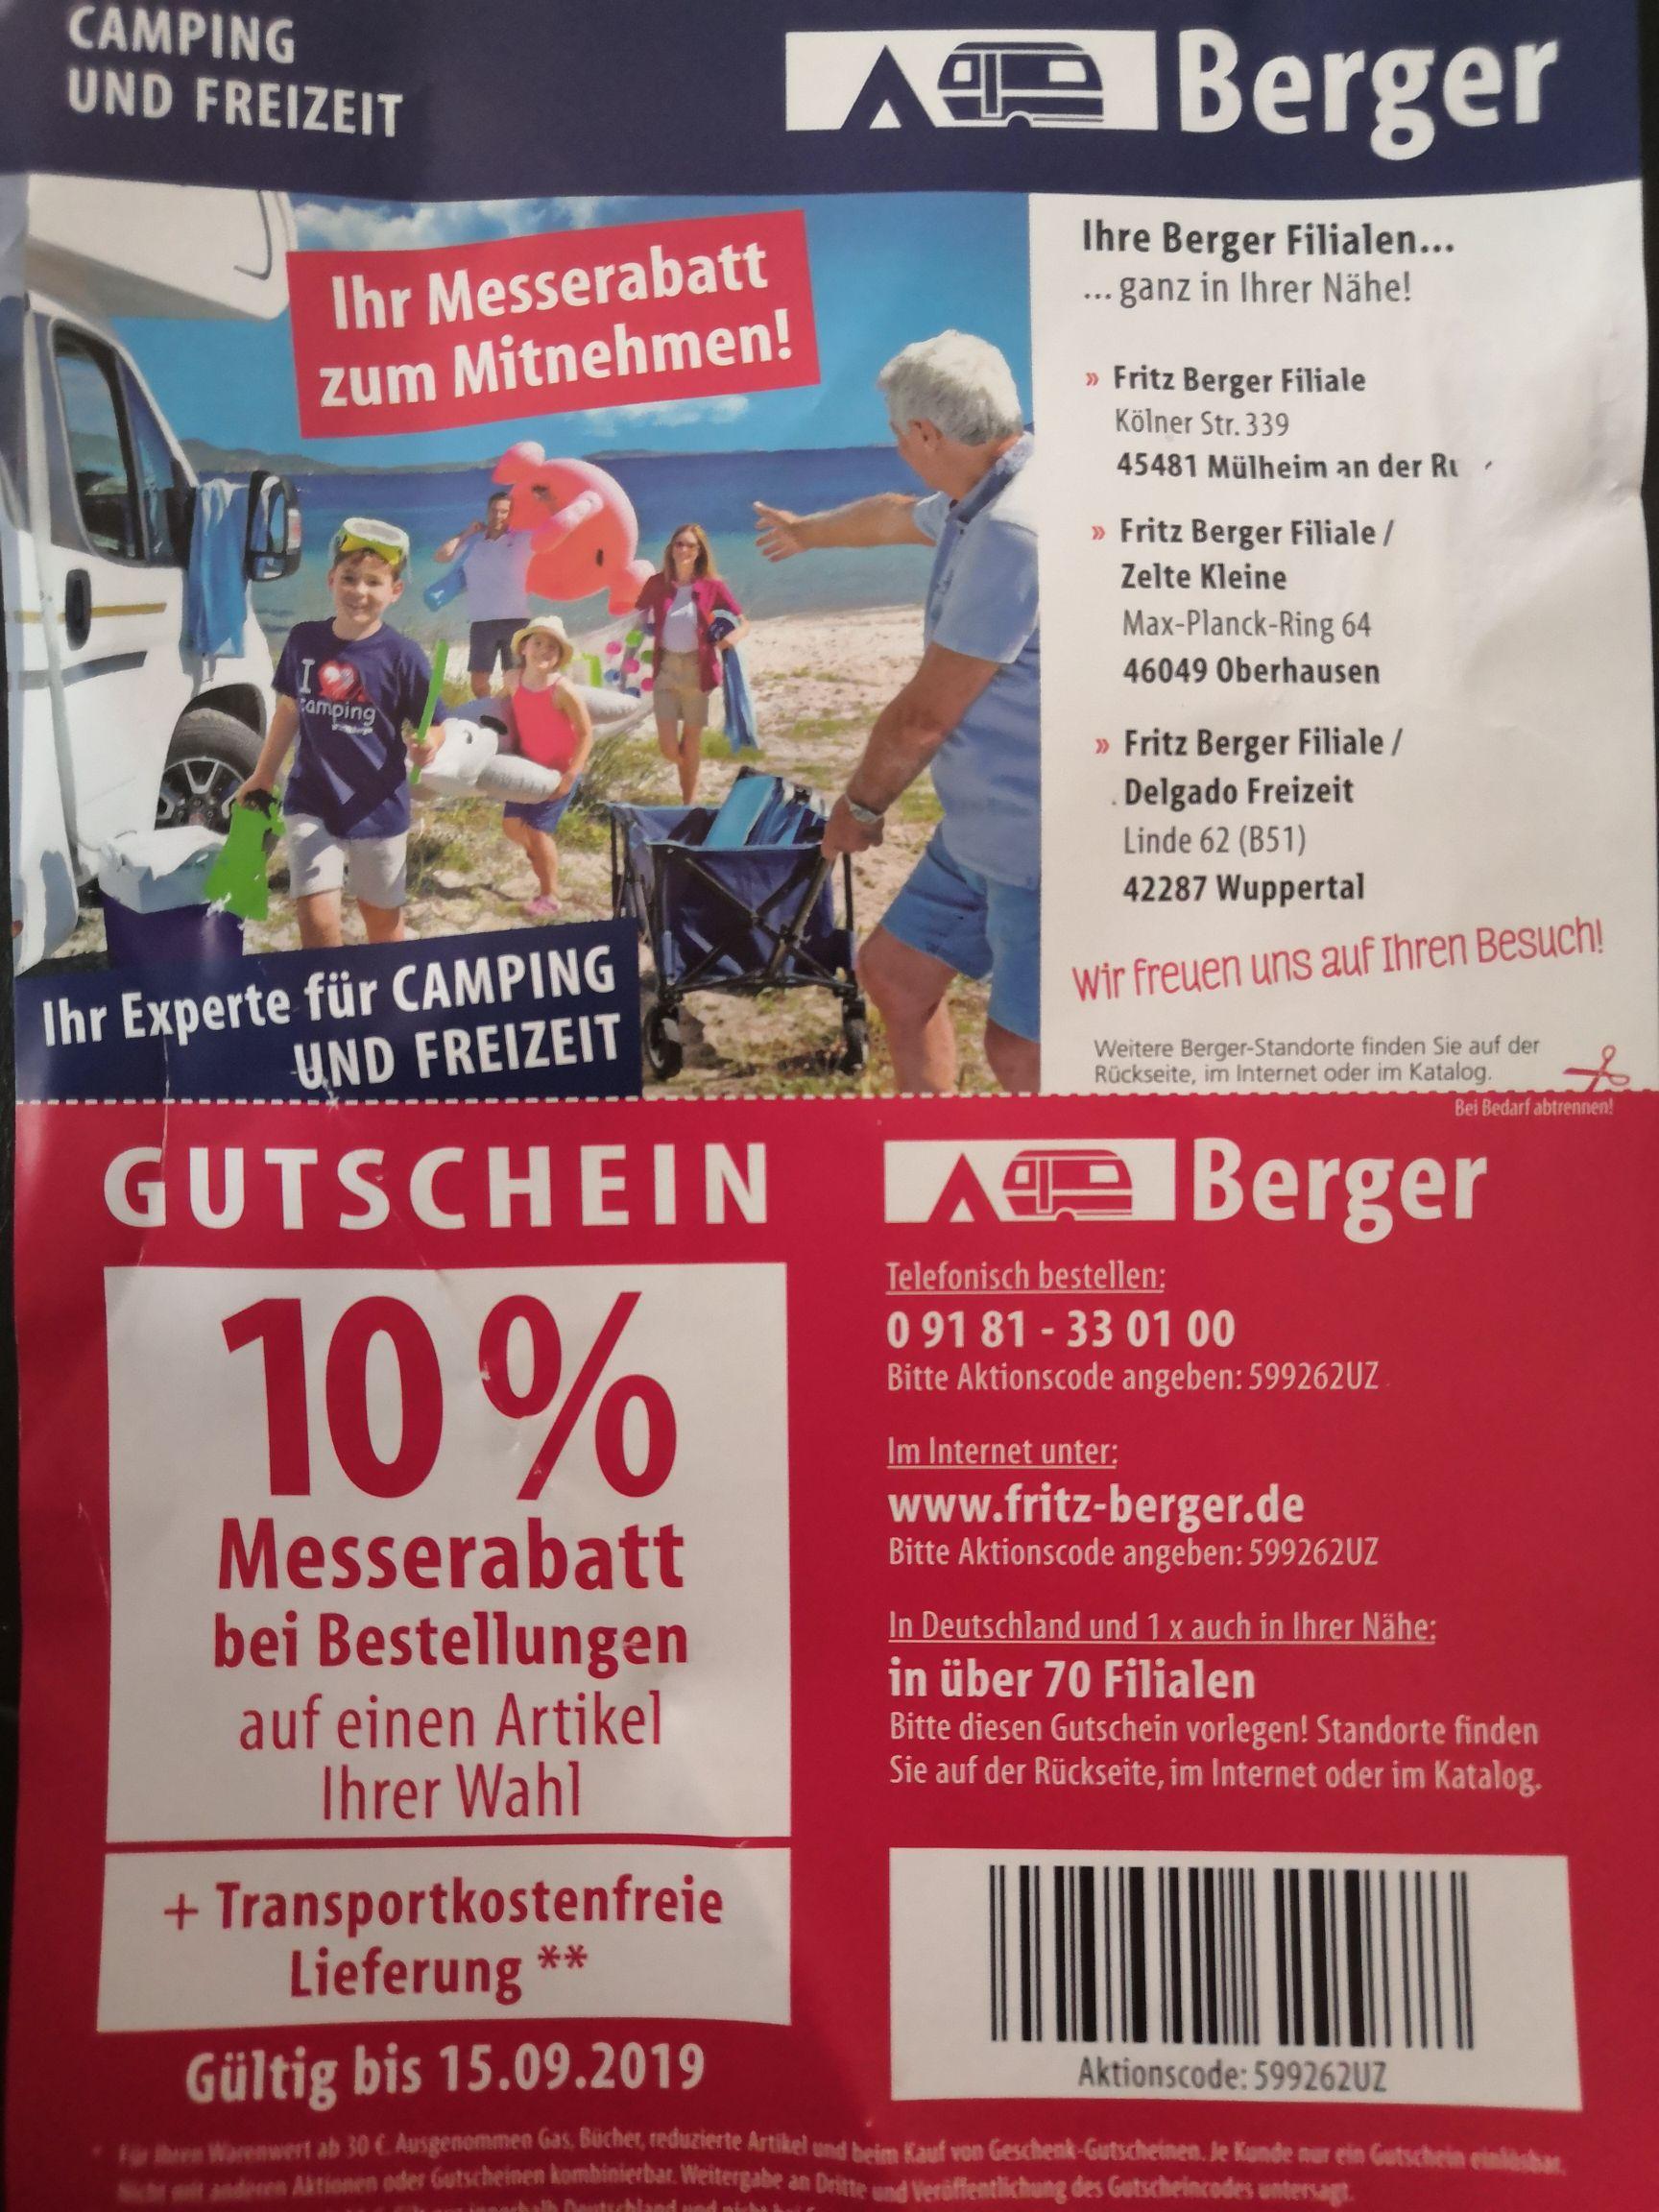 Fritz Berger 10% Messerabatt